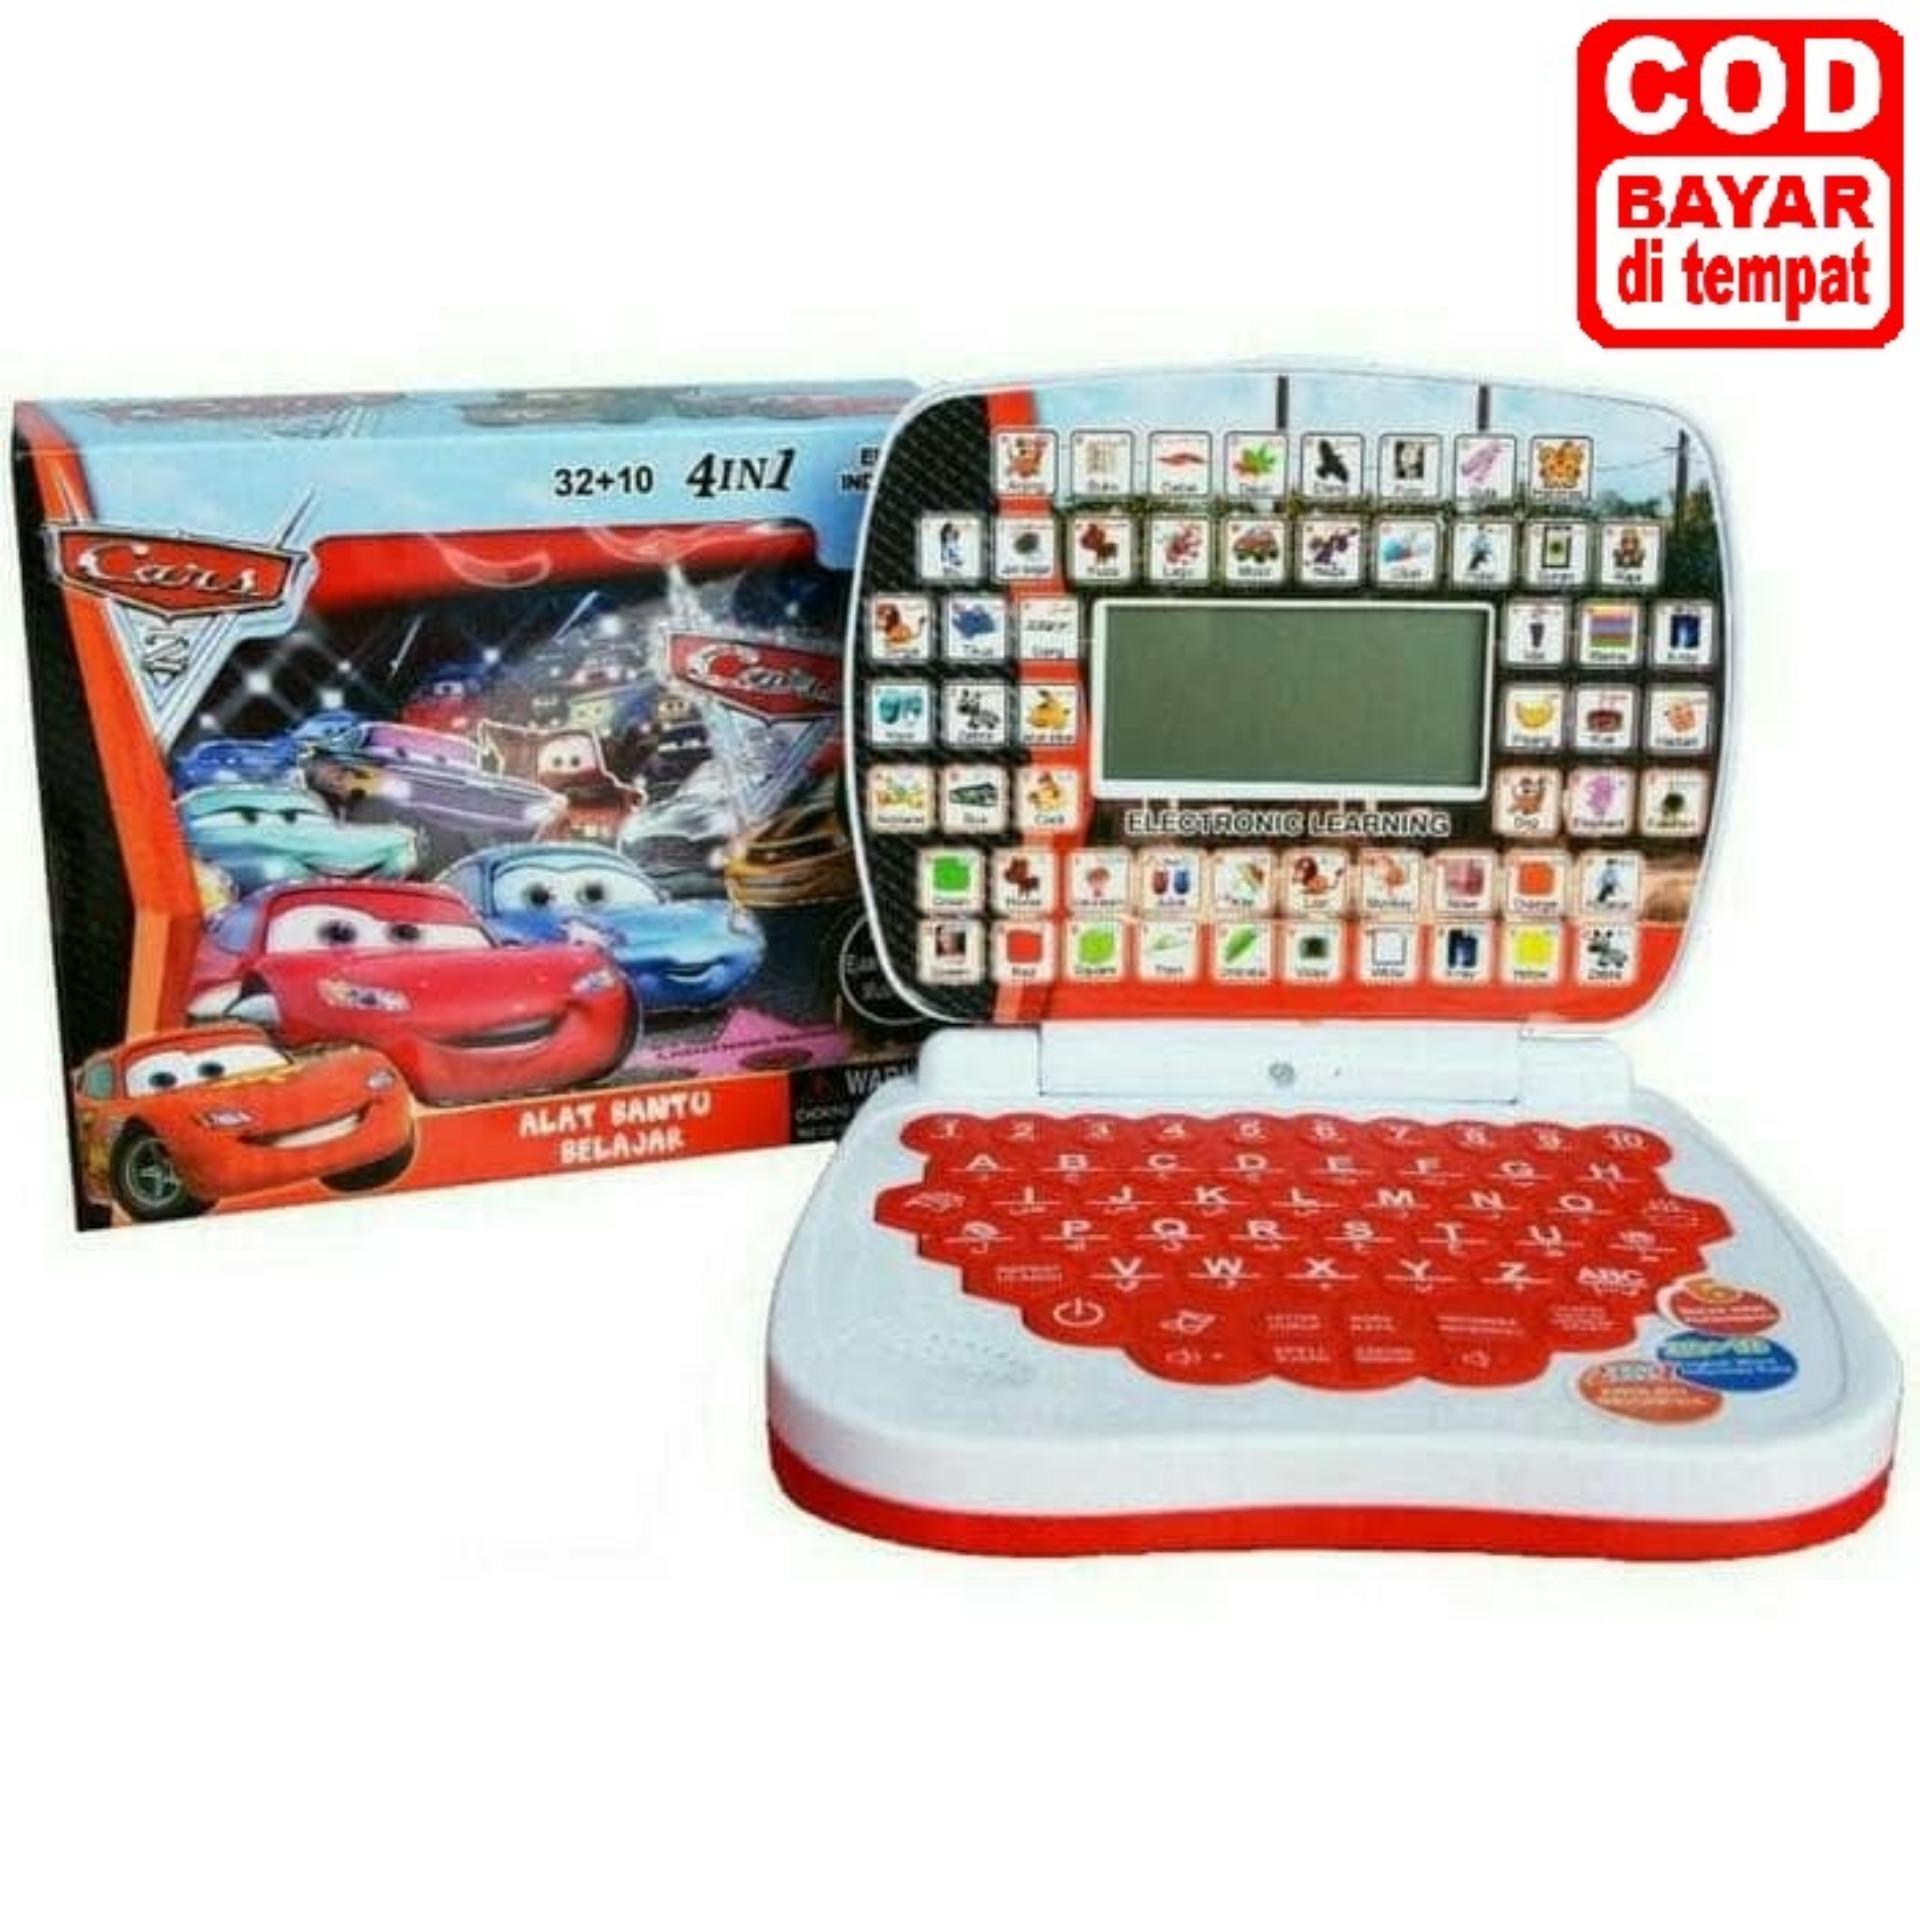 Mainan Laptop Mini dengan layar 4 bahasa